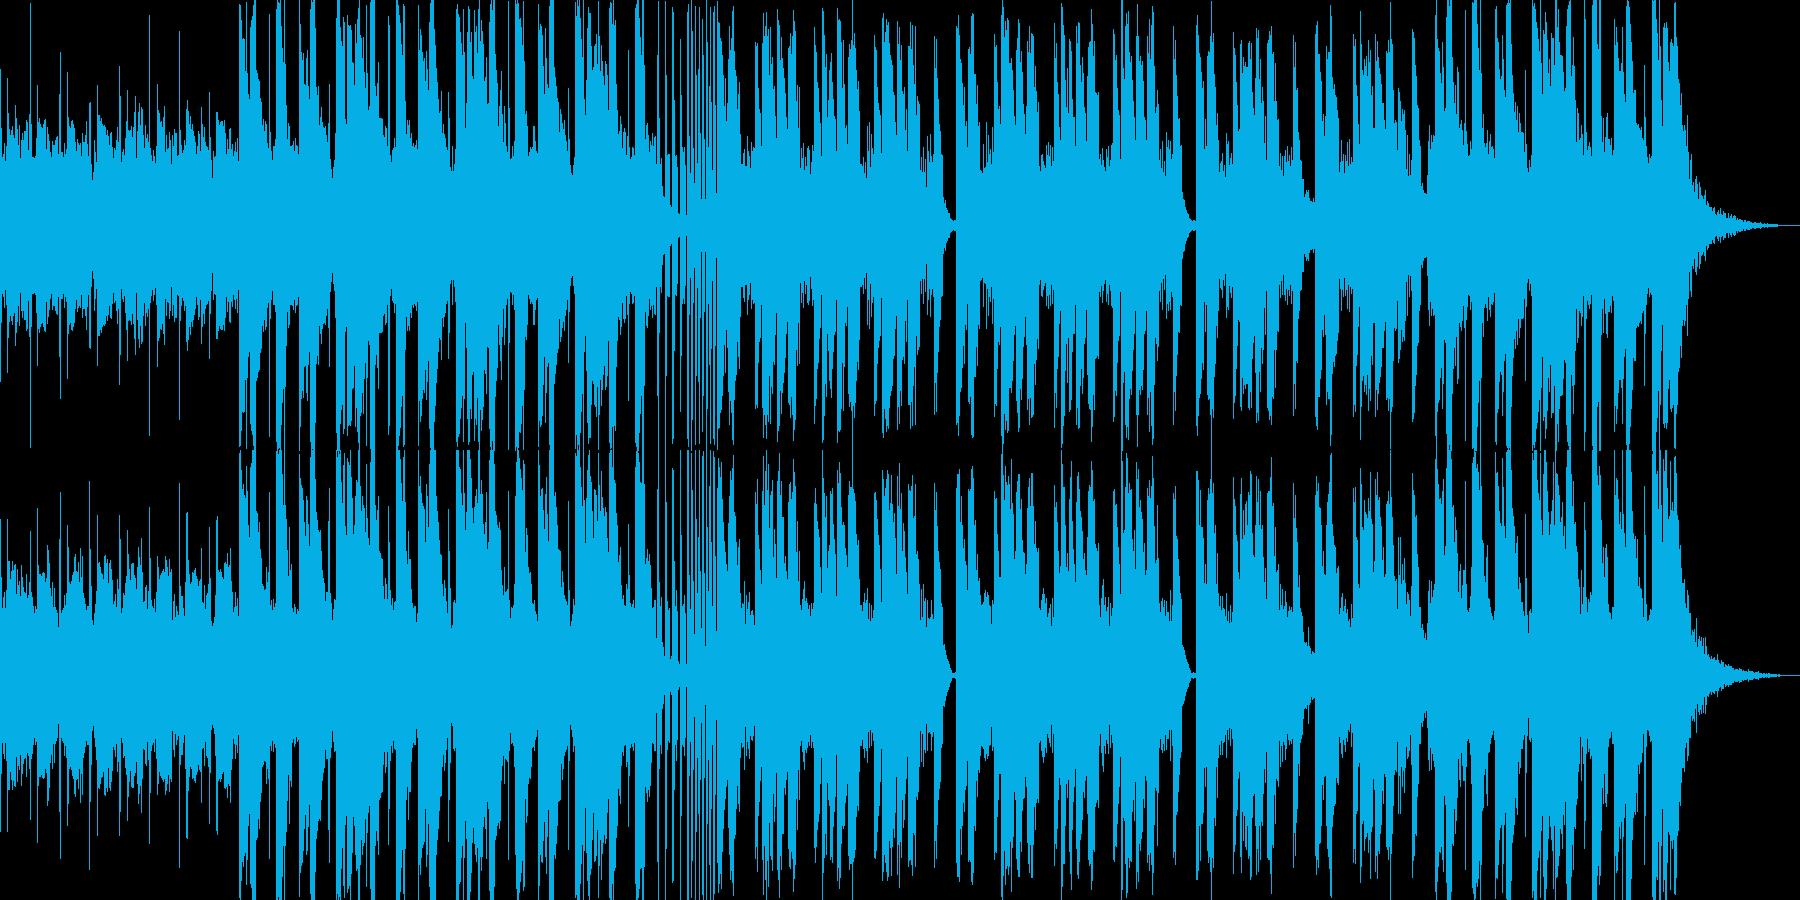 暗くて悪い雰囲気のBGMの再生済みの波形